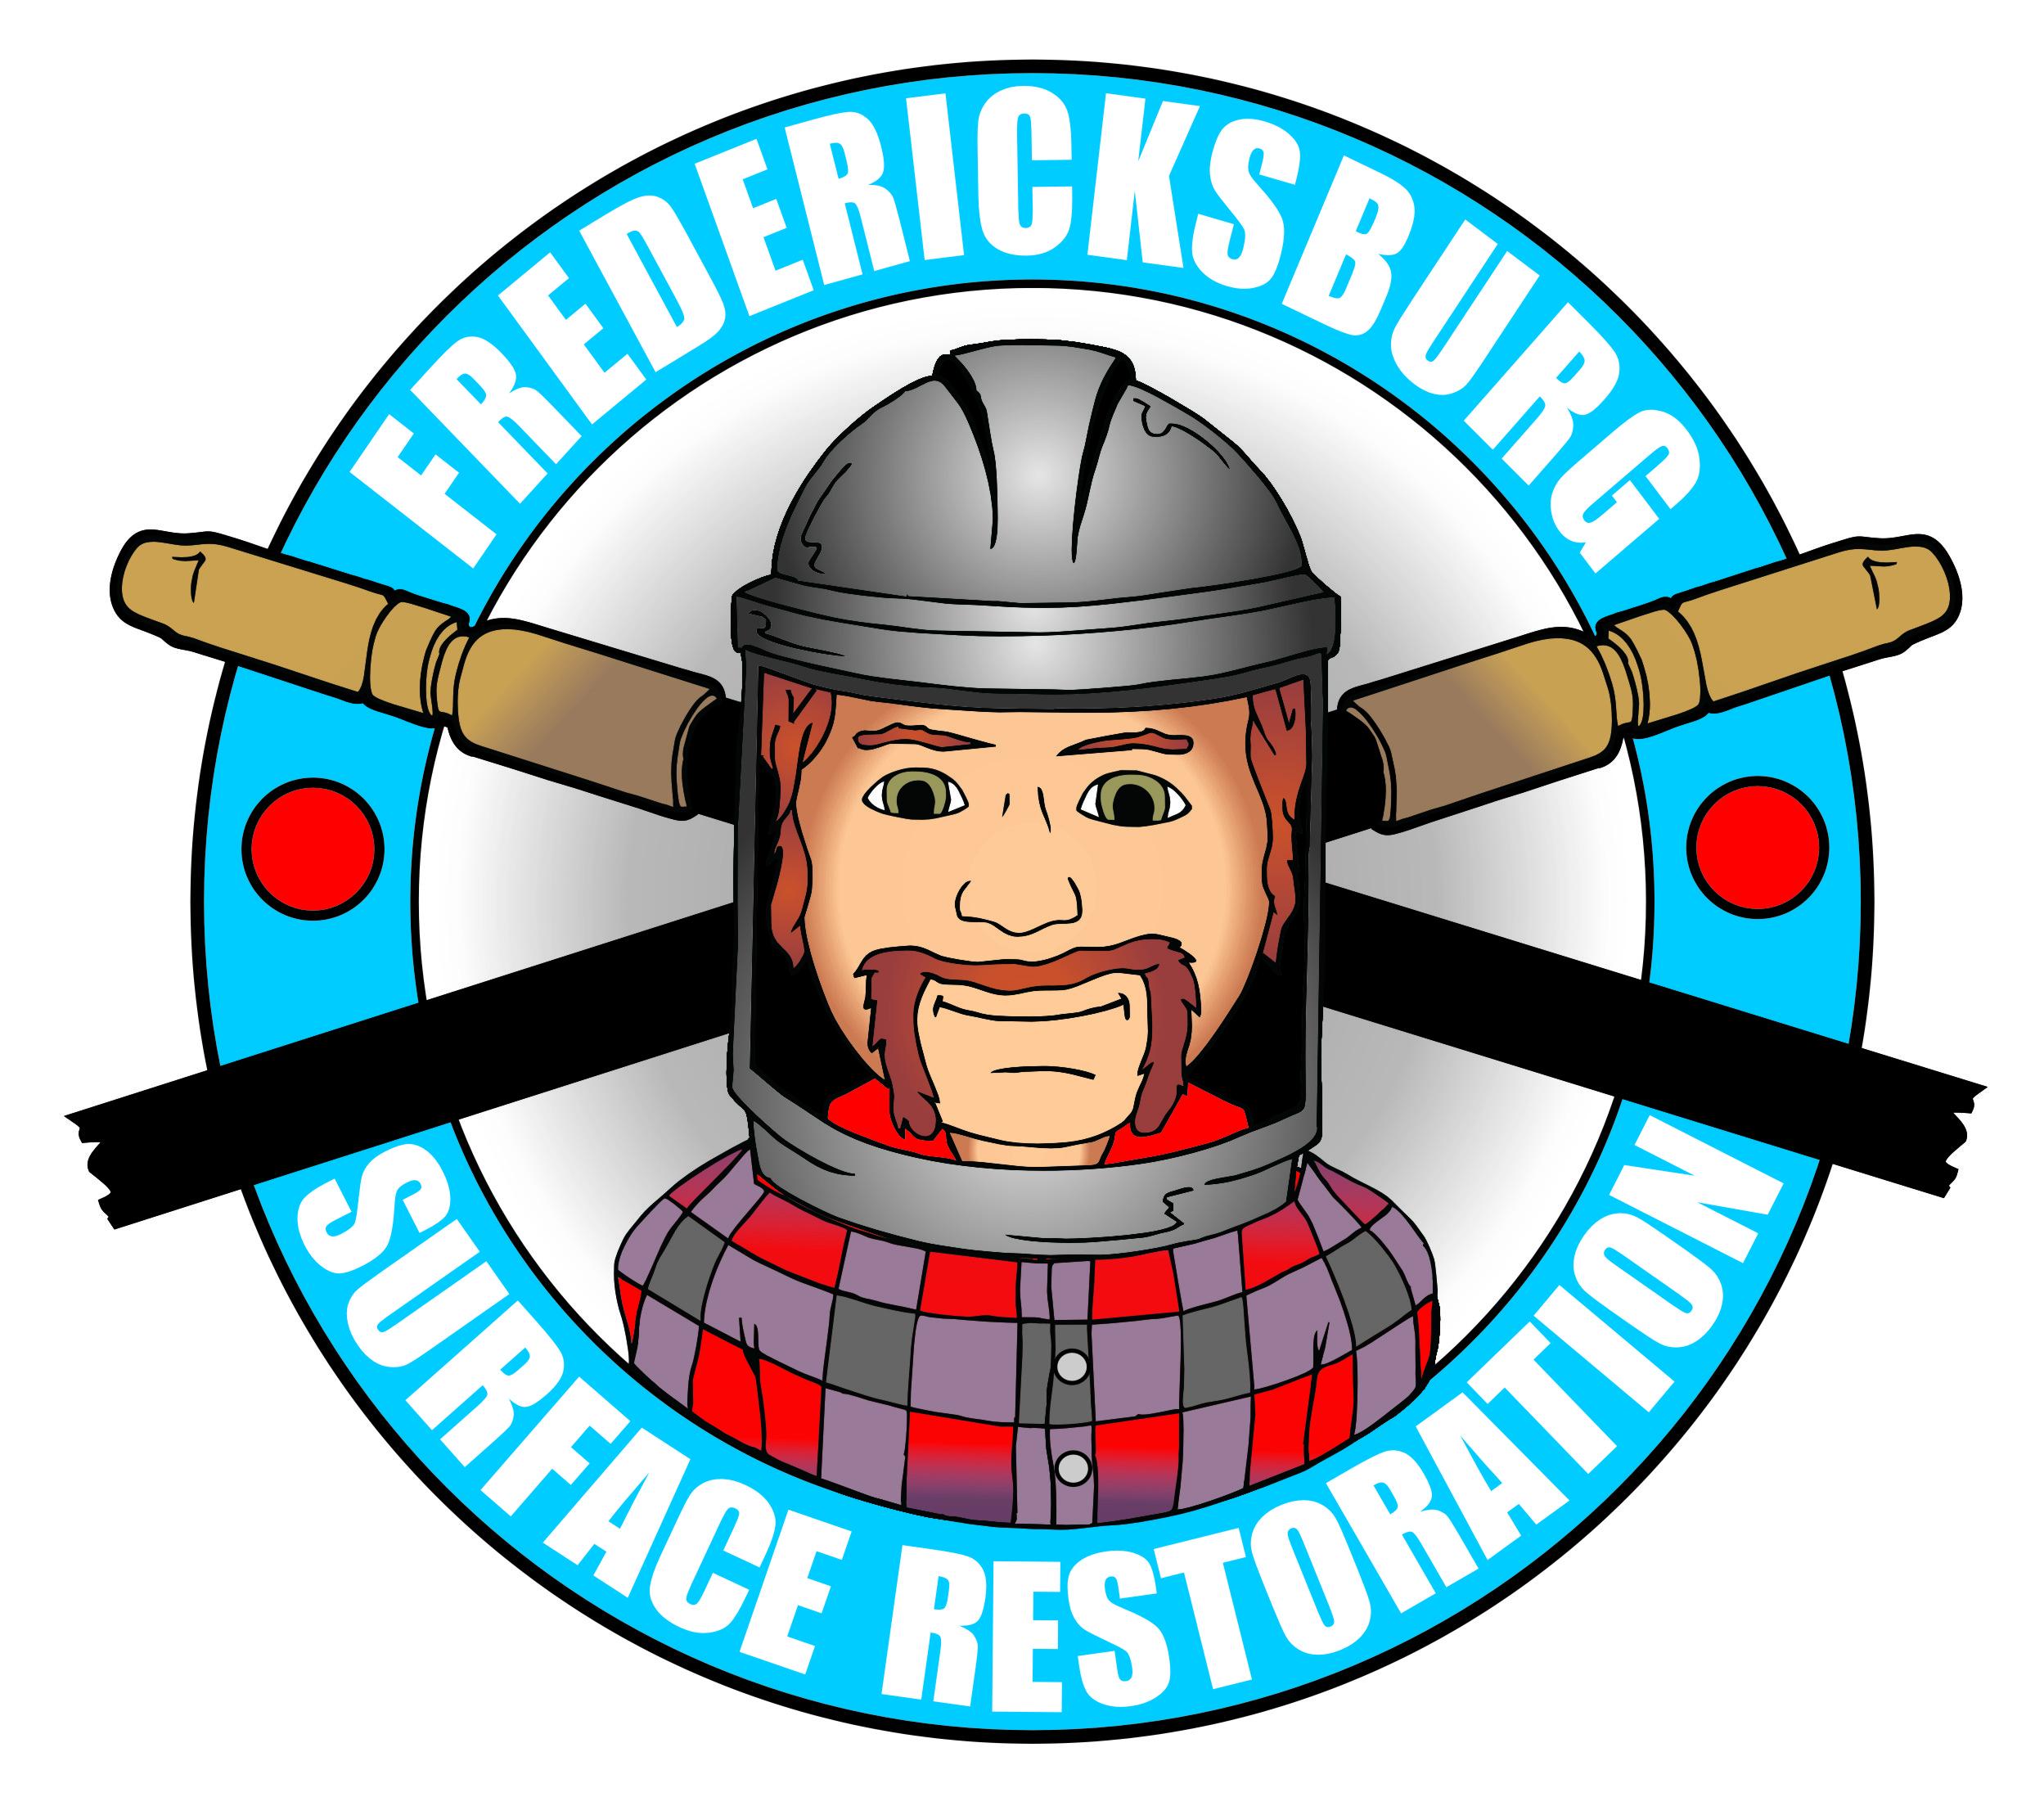 Fredericksburg Surface Restoration